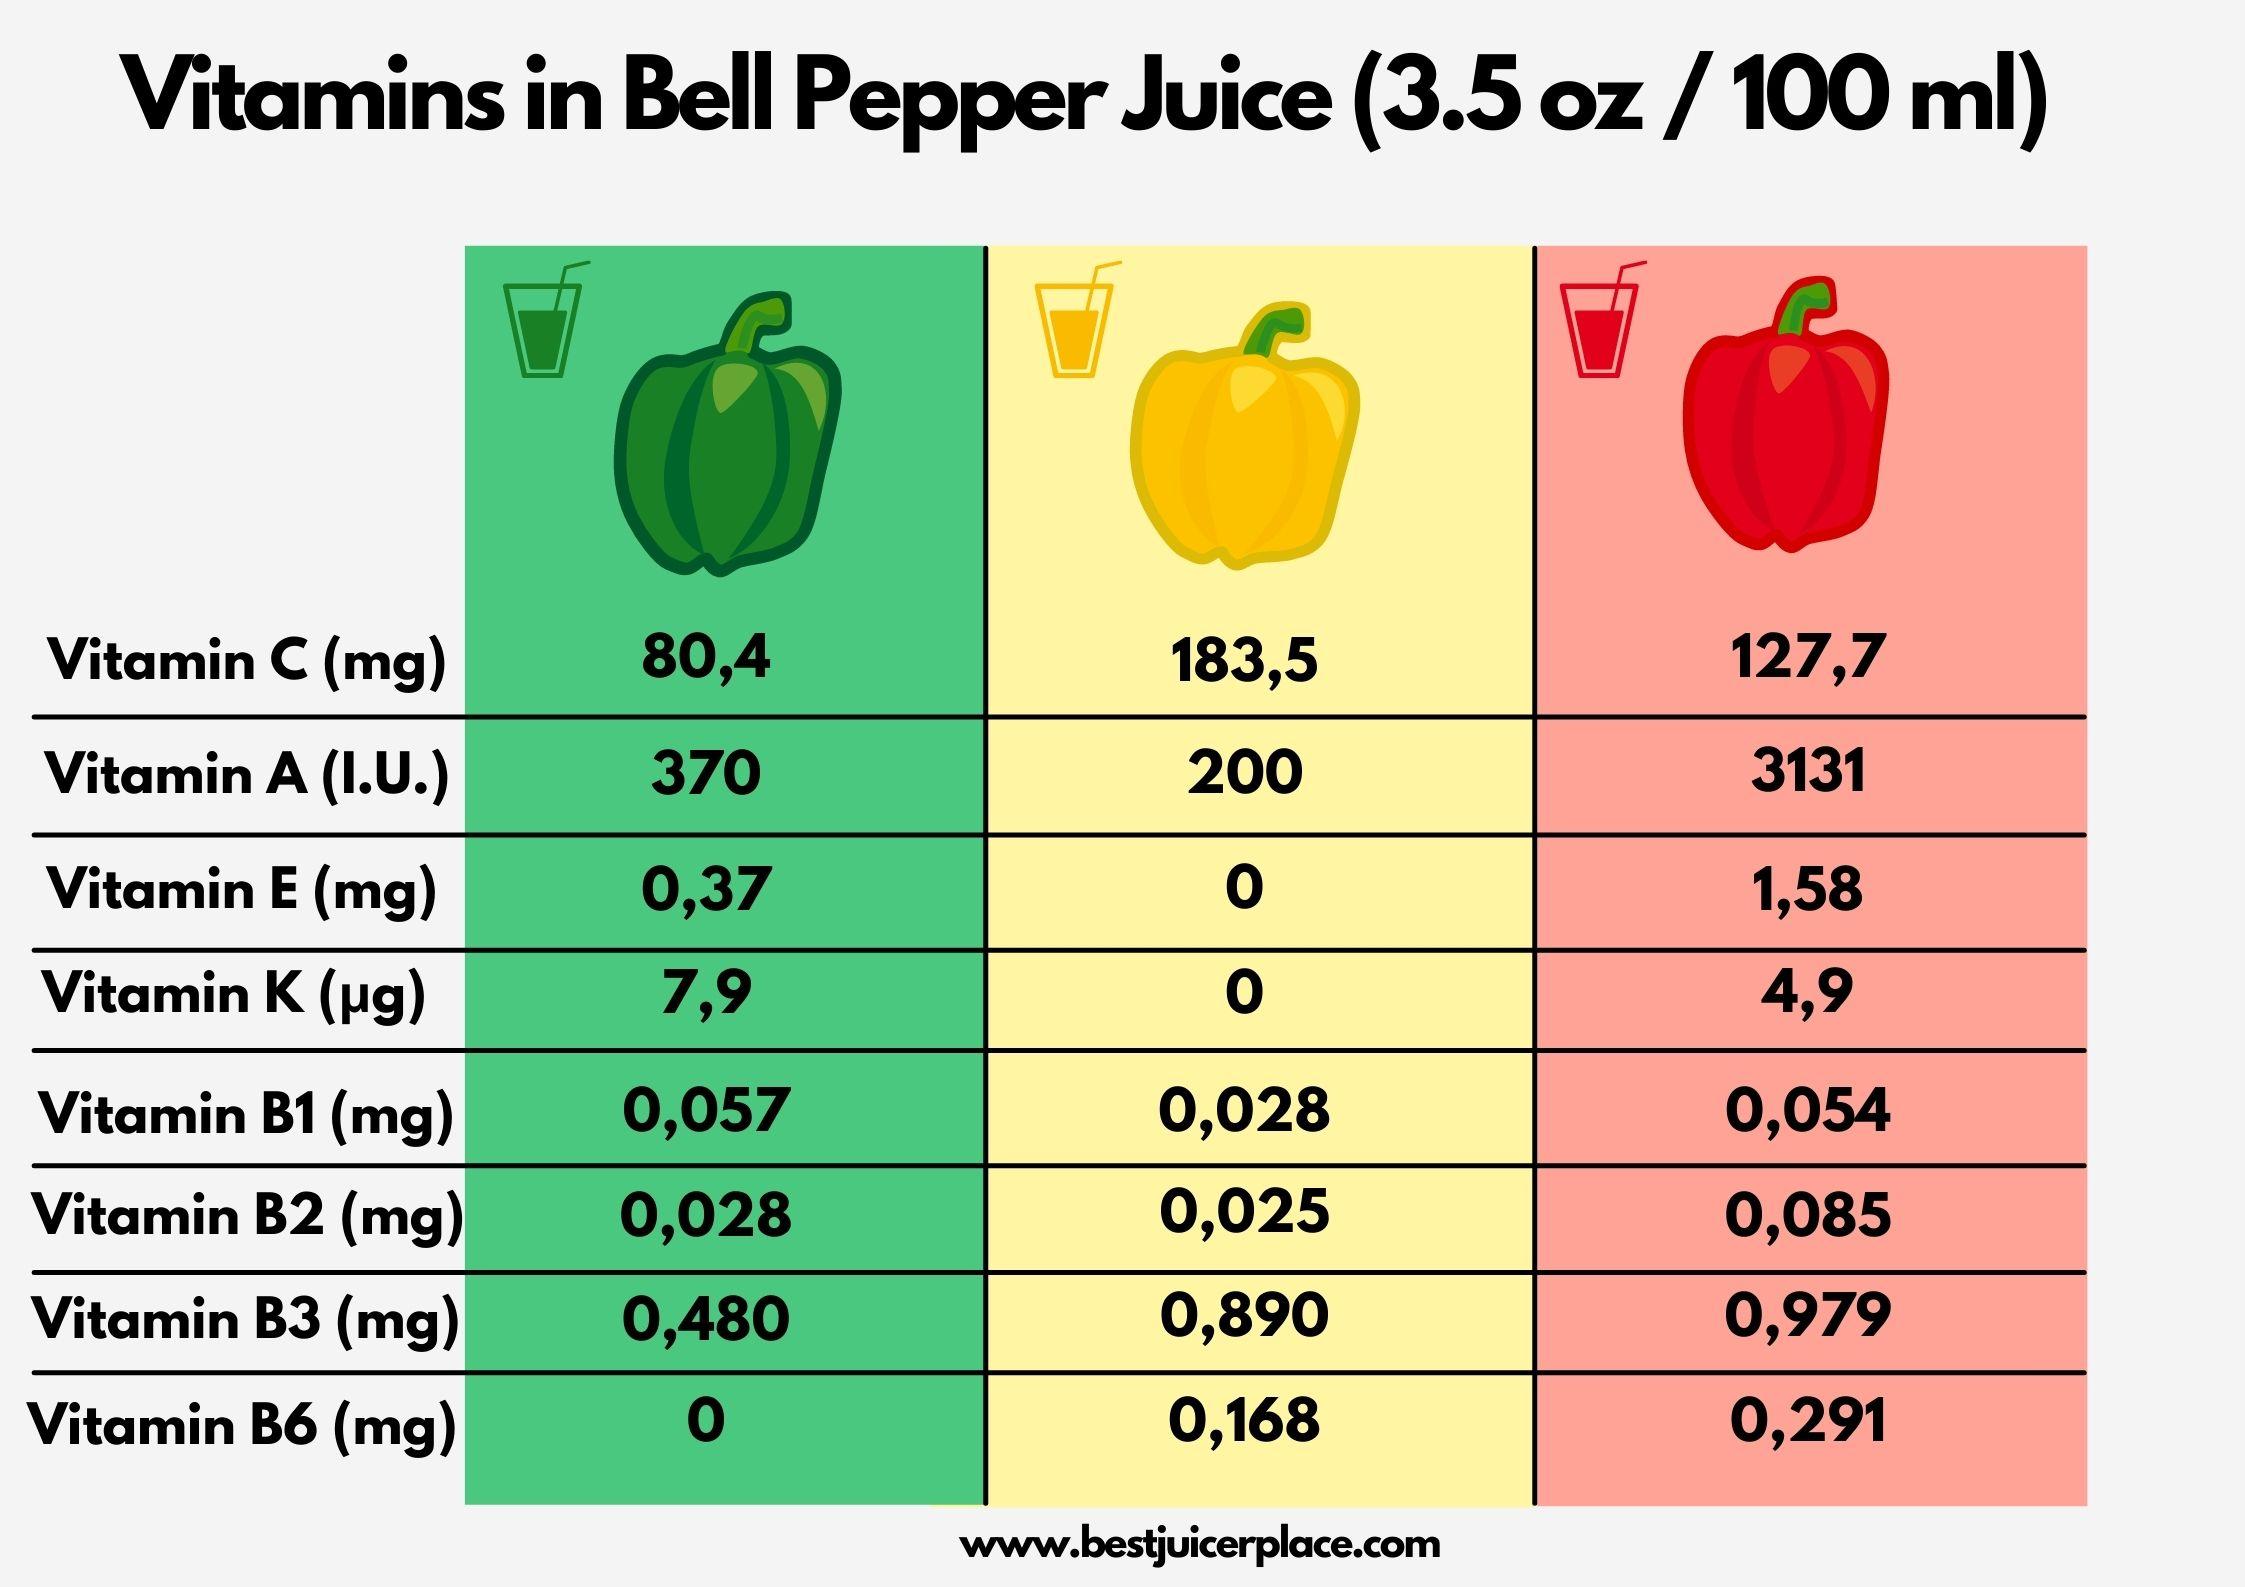 Vitamins in Bell Pepper Juice